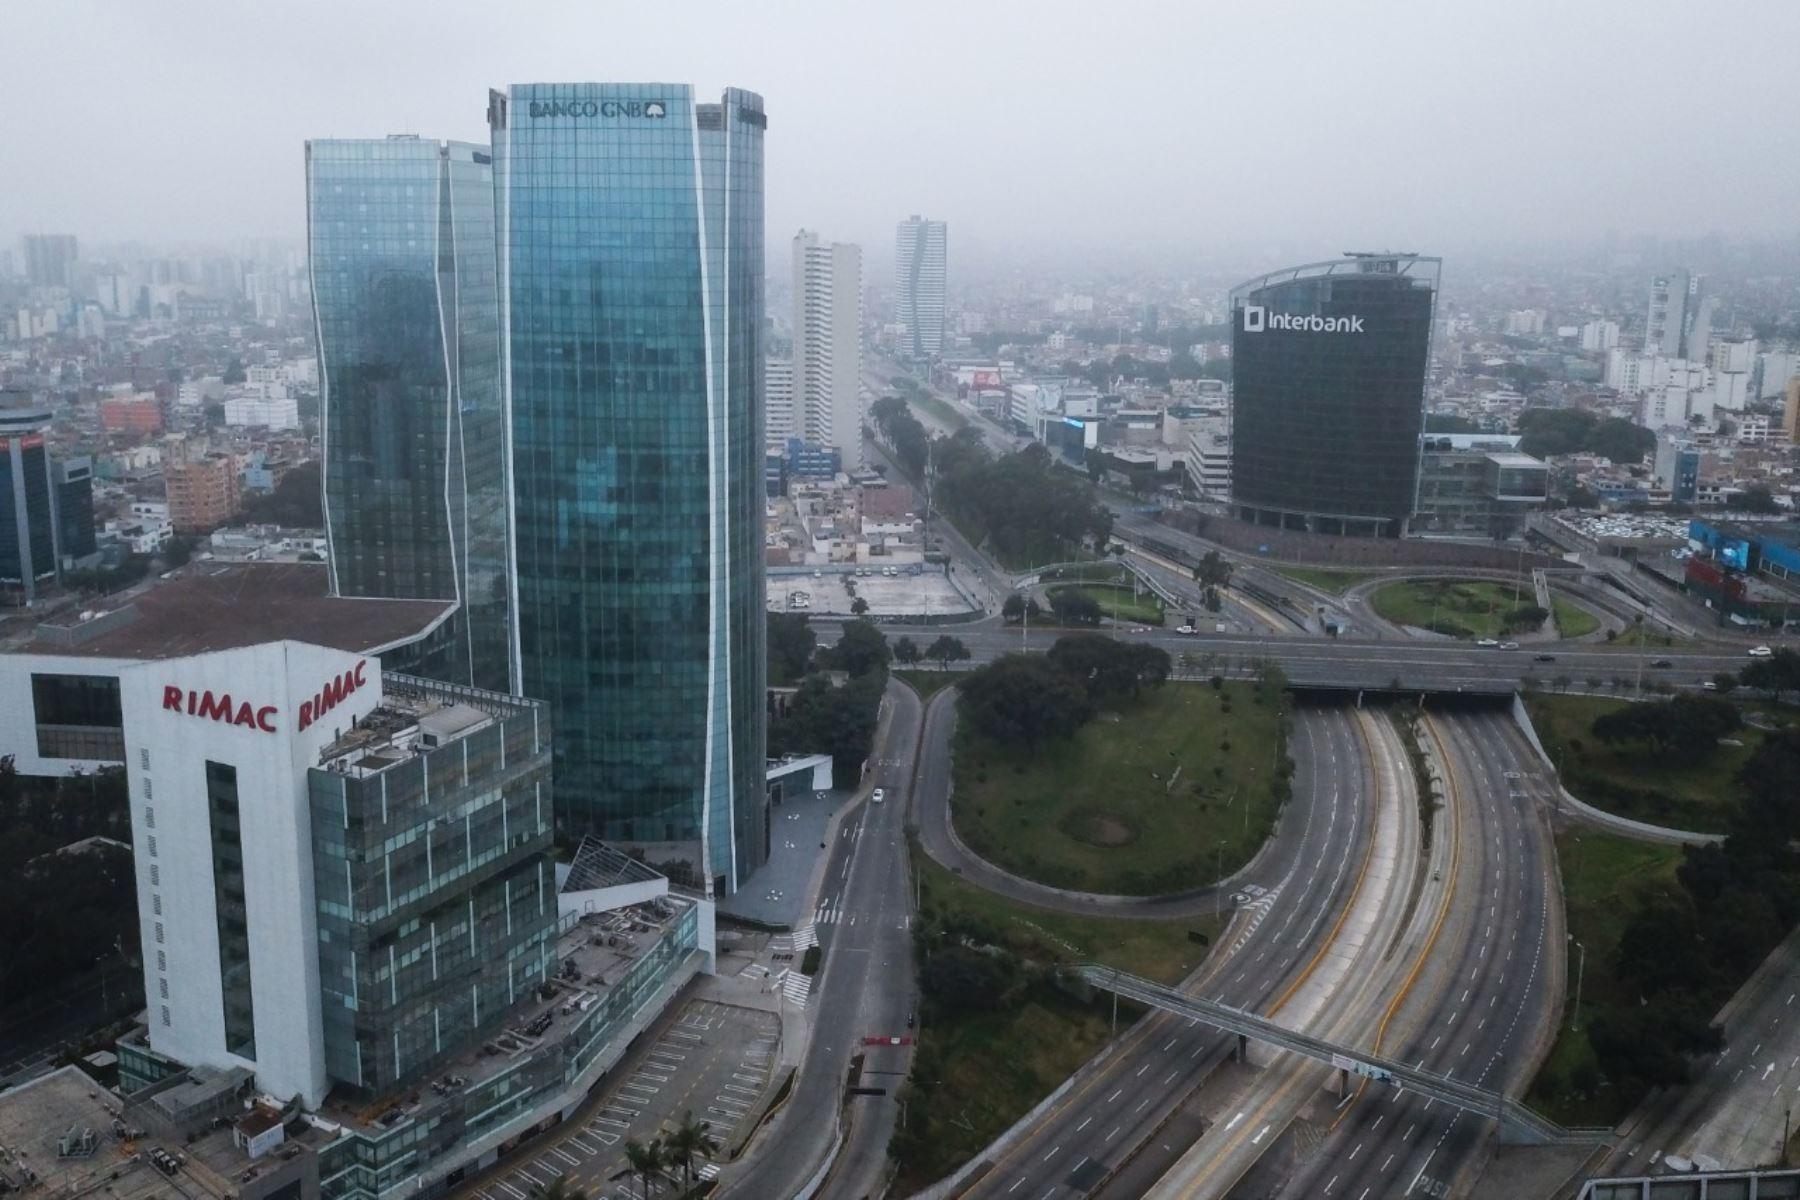 cade-ejecutivos-empresas-deben-comprometerse-en-lucha-contra-la-corrupcion